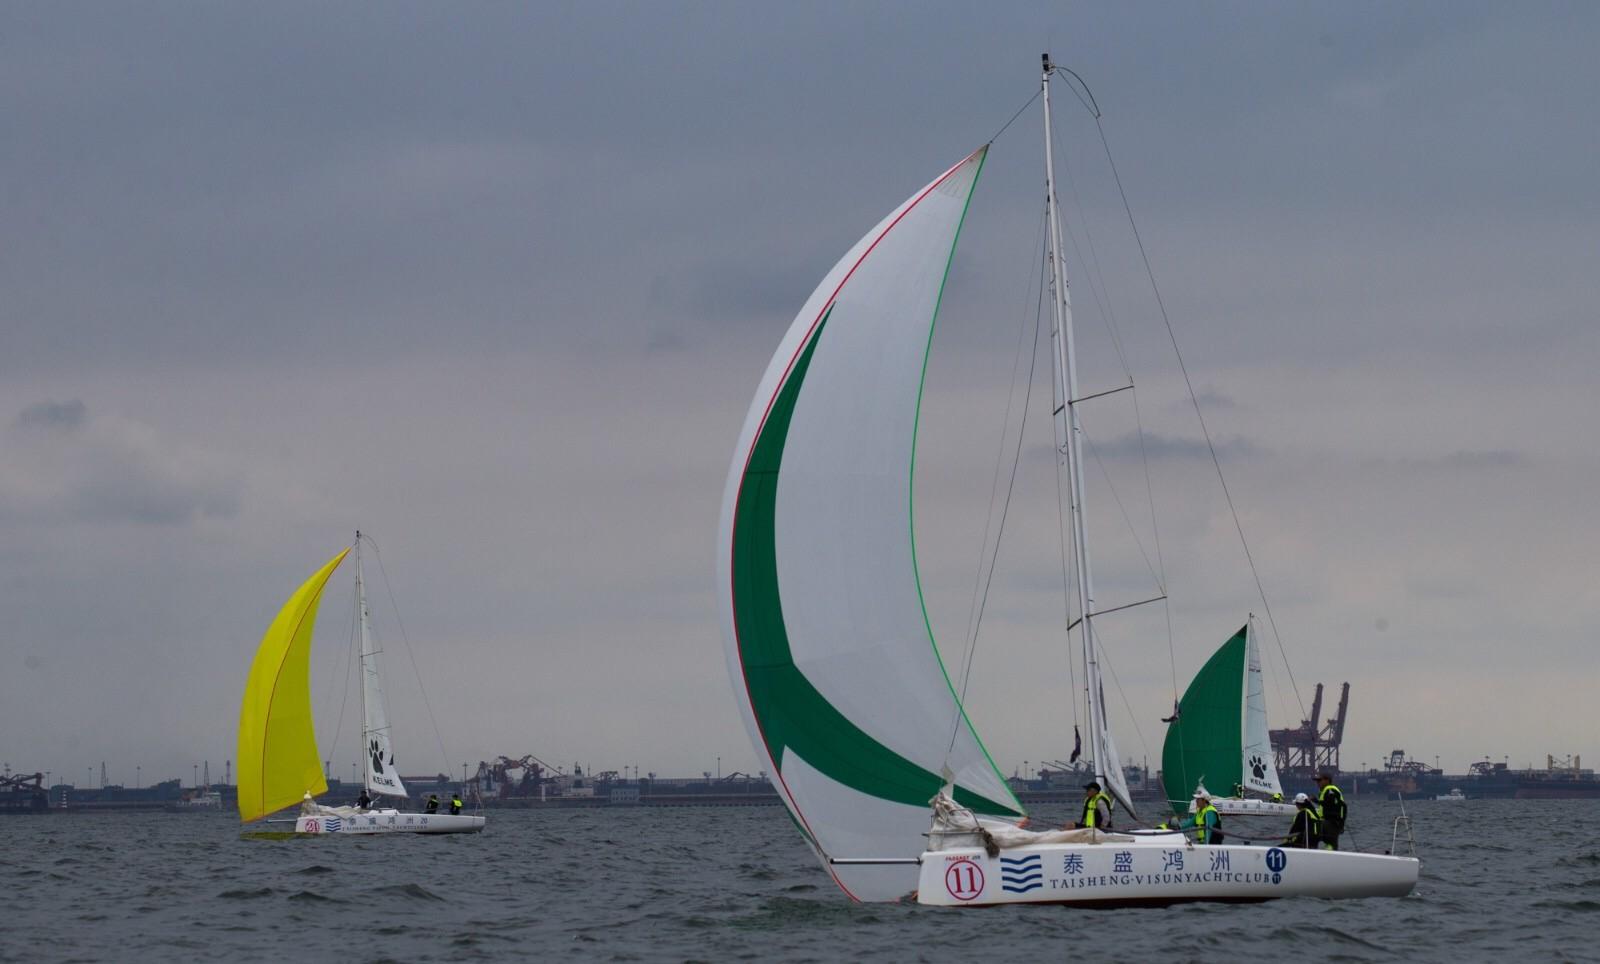 我们,帆船,毕竟,风向,都是 喉咙喊破,收获满满-秦皇岛河港杯帆船赛赛后总结  152659tbs3vvkz